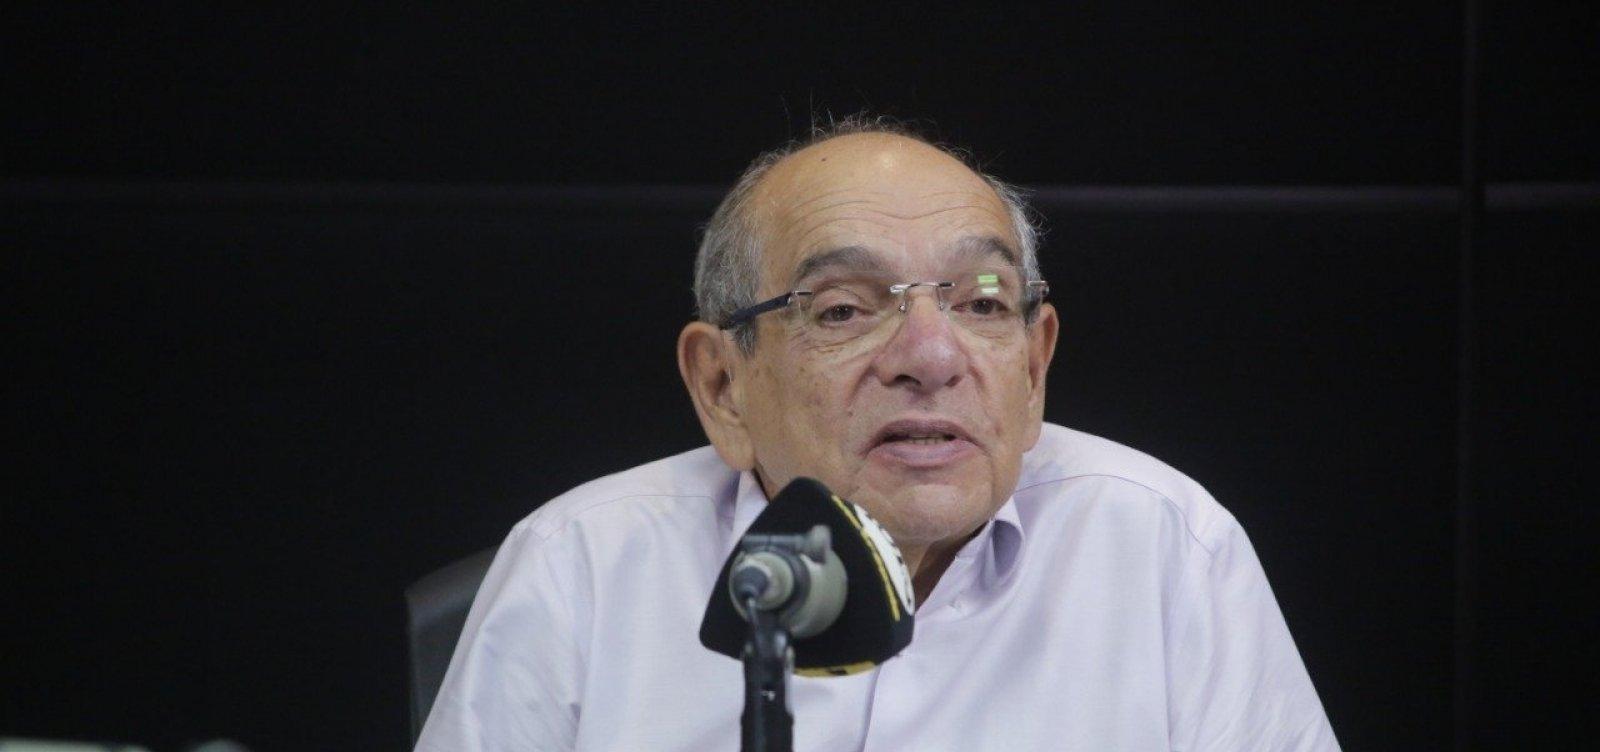 Saída da Ford causa 'terrível impacto' na economia da Bahia e do Brasil, diz MK; ouça